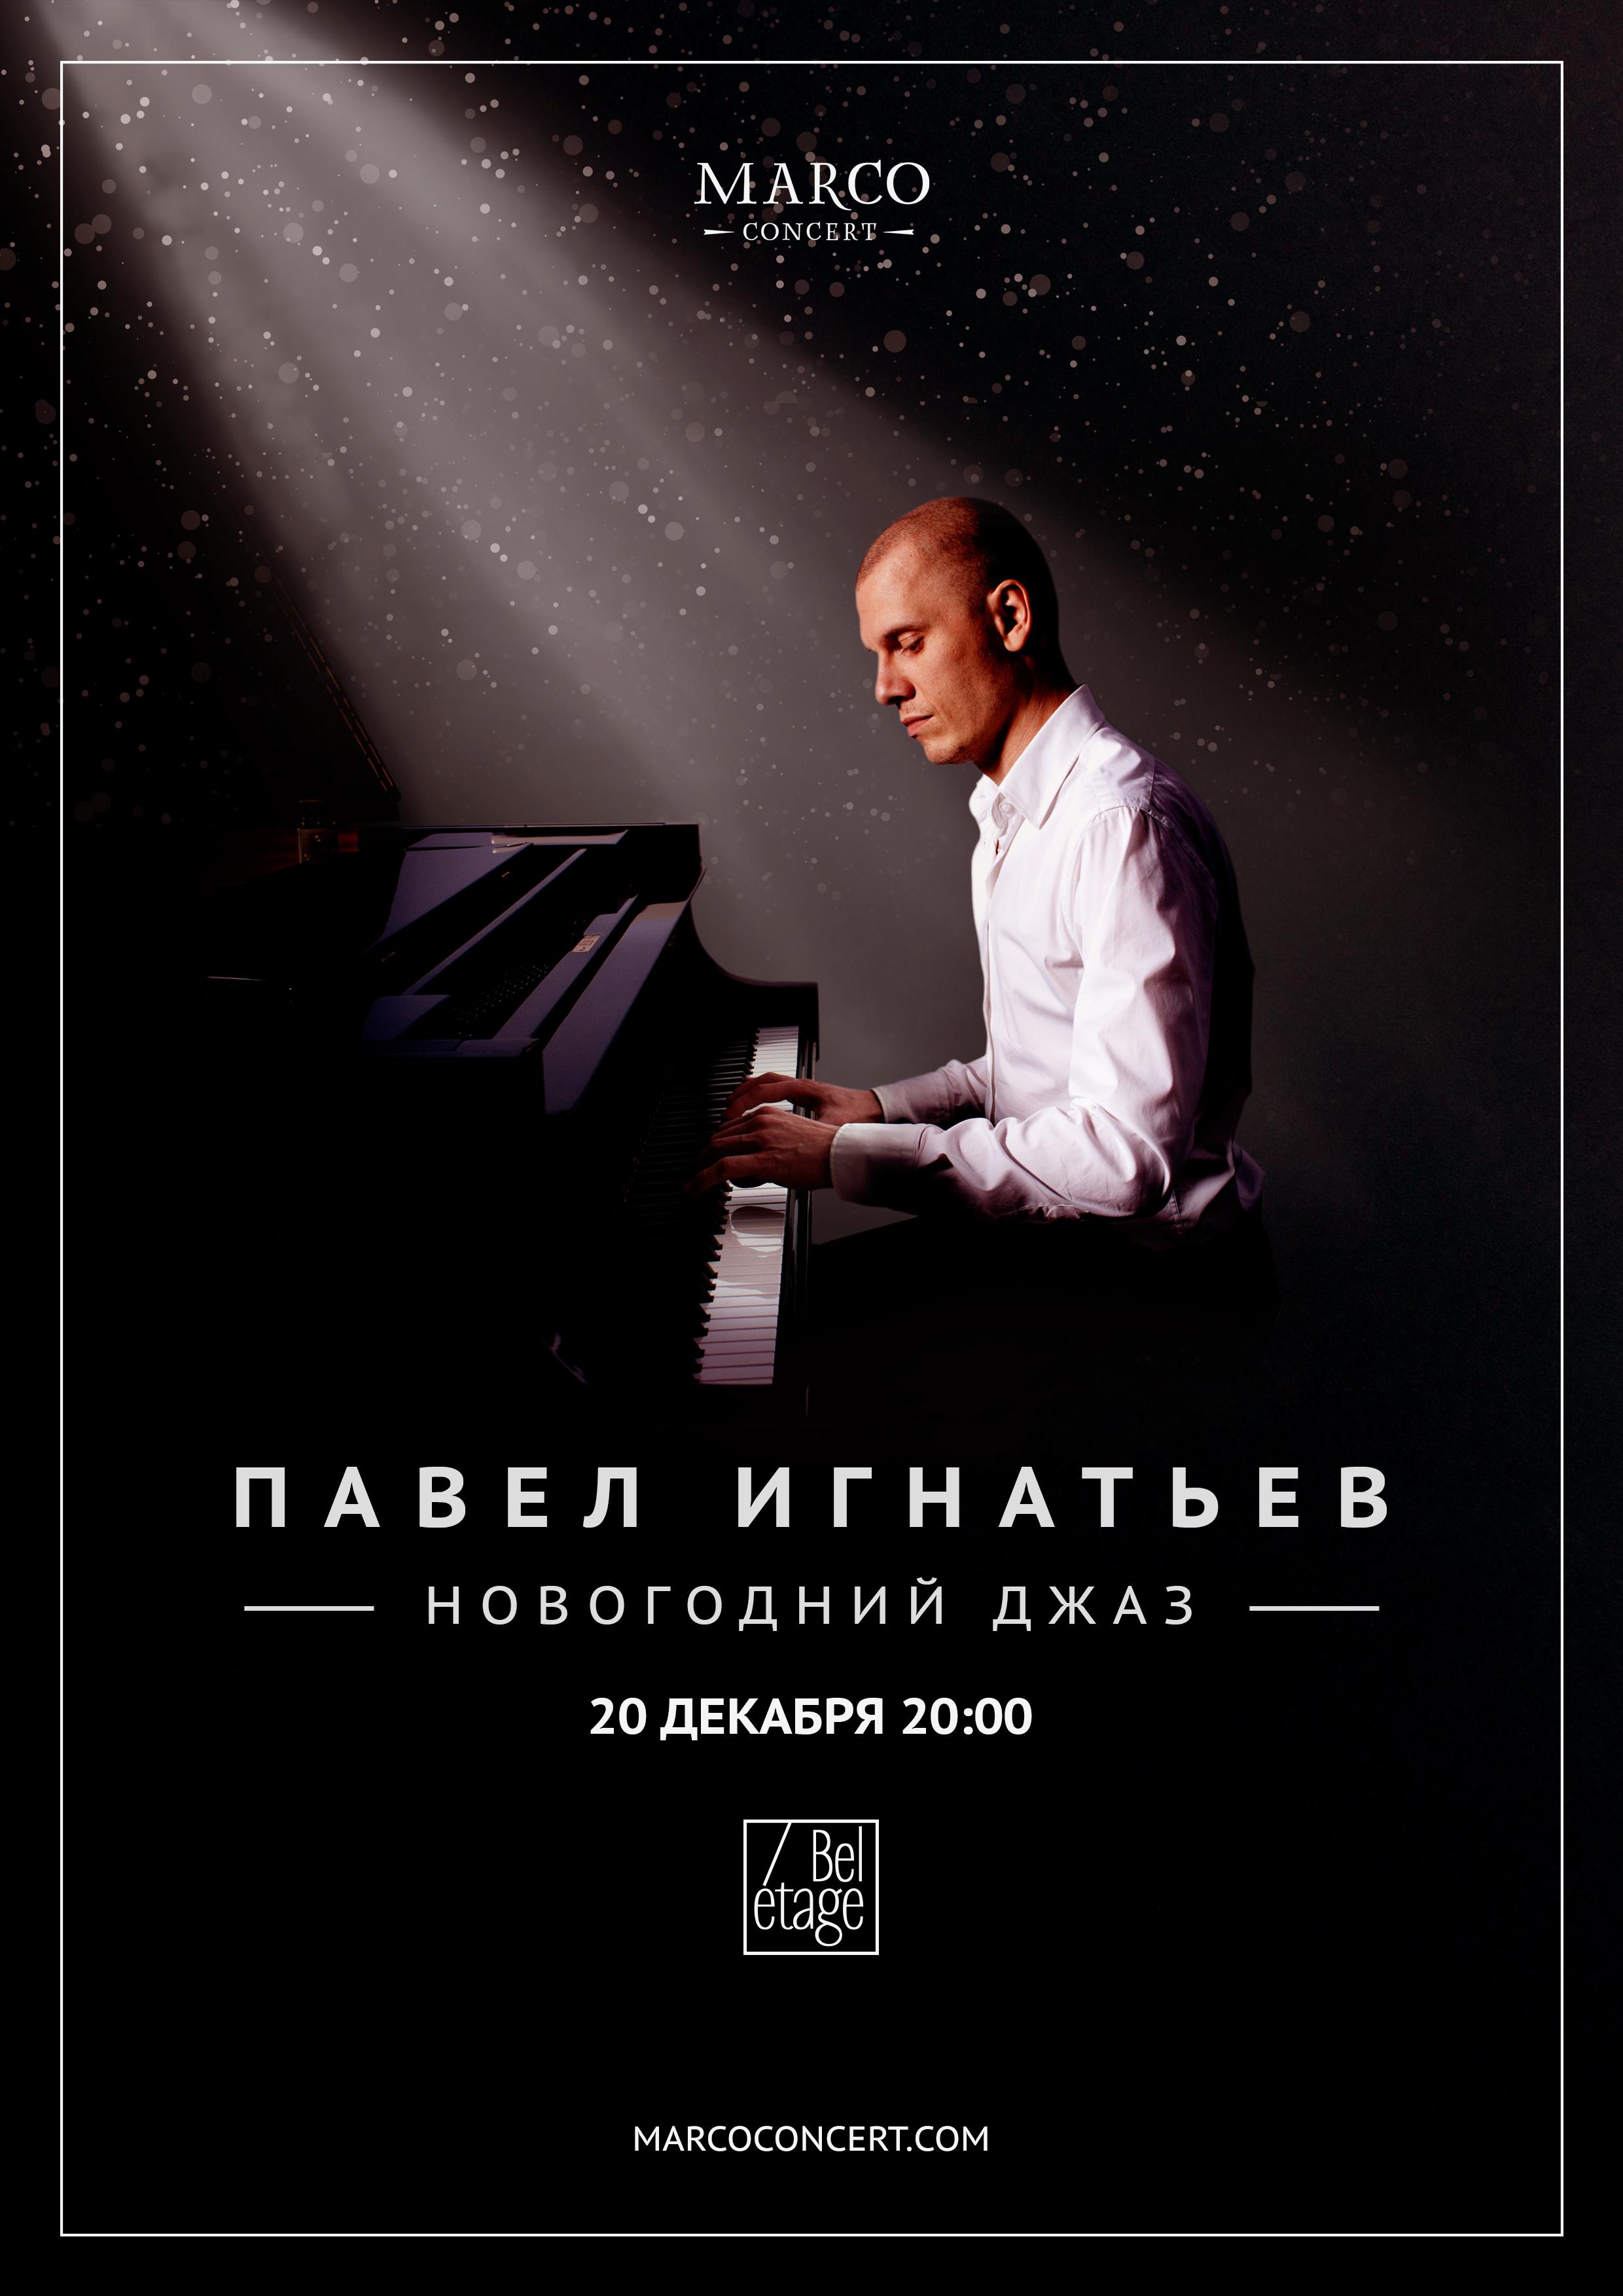 Концерт Павла Игнатьева «Новогодний джаз»